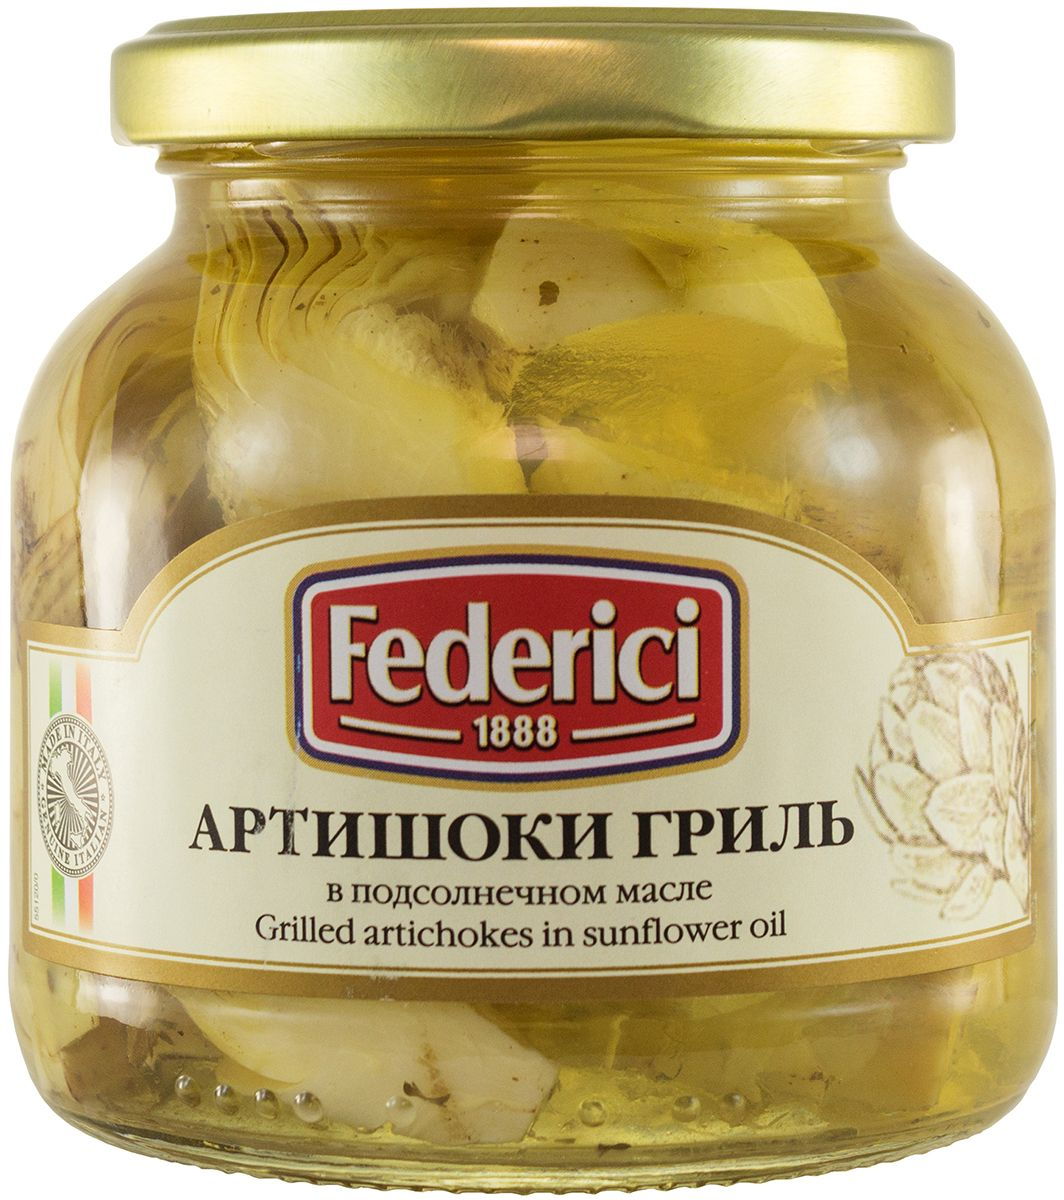 Federici Артишоки гриль в подсолнечном масле, 280 г mancin анчоусы филе в подсолнечном масле 78 г